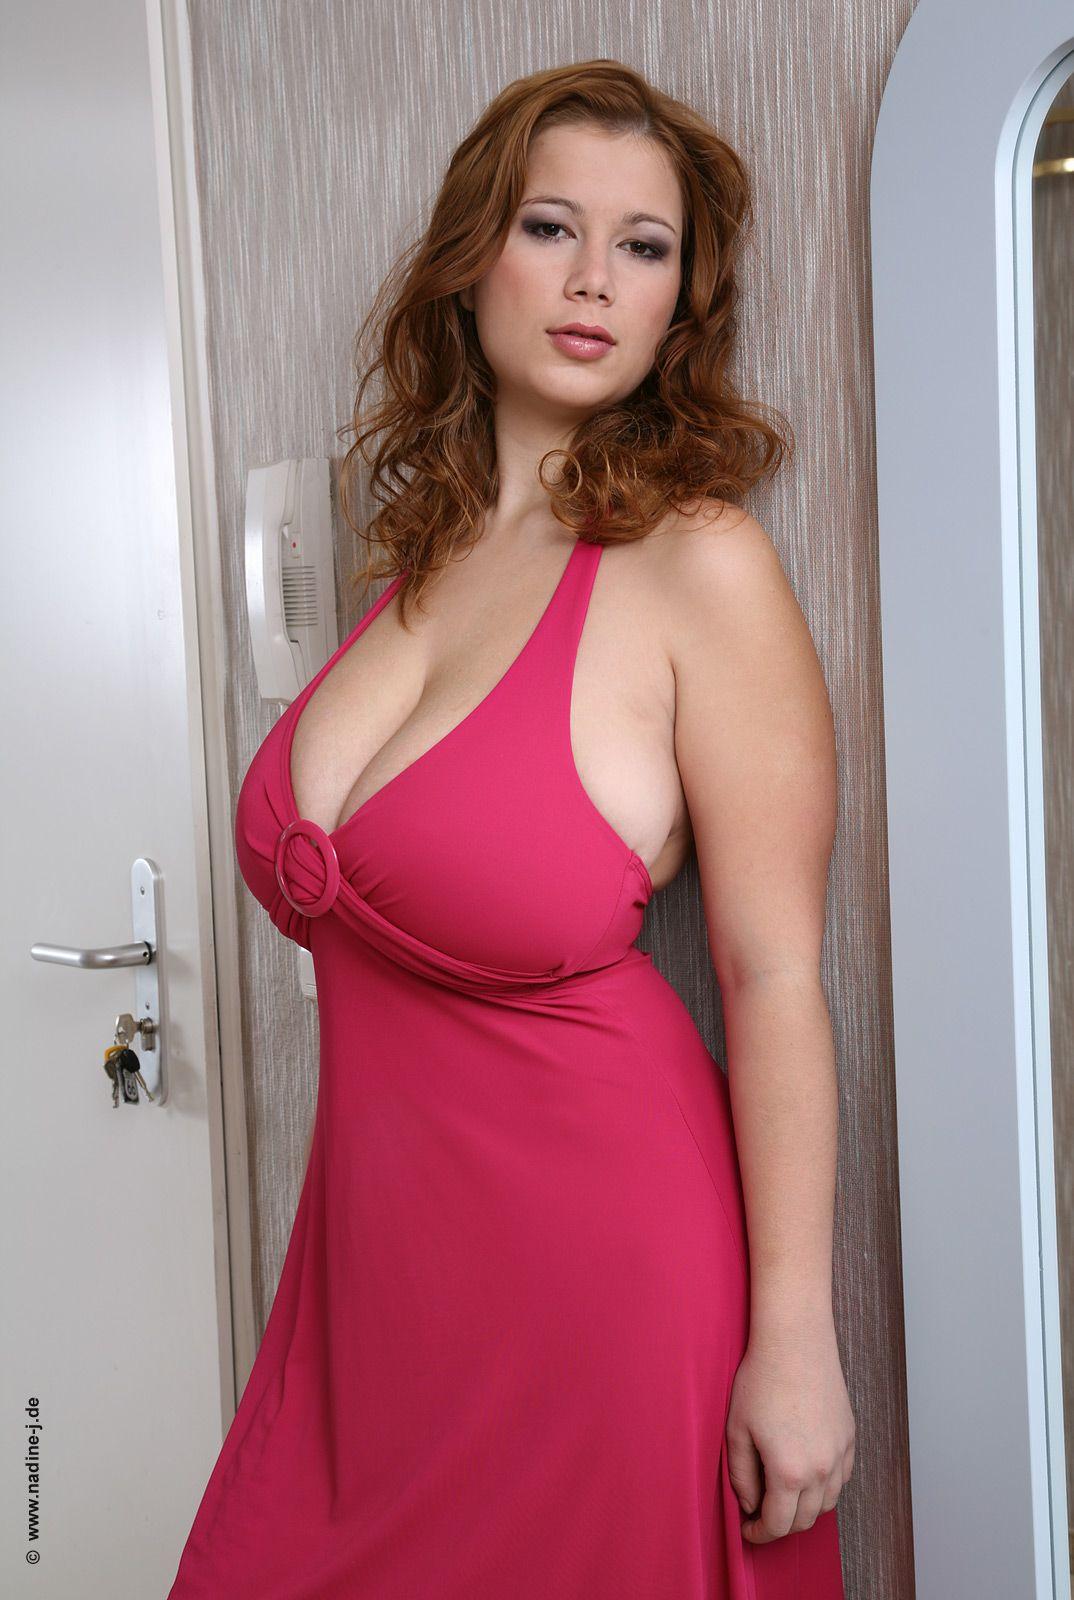 Terry Nova Nude Photos 63